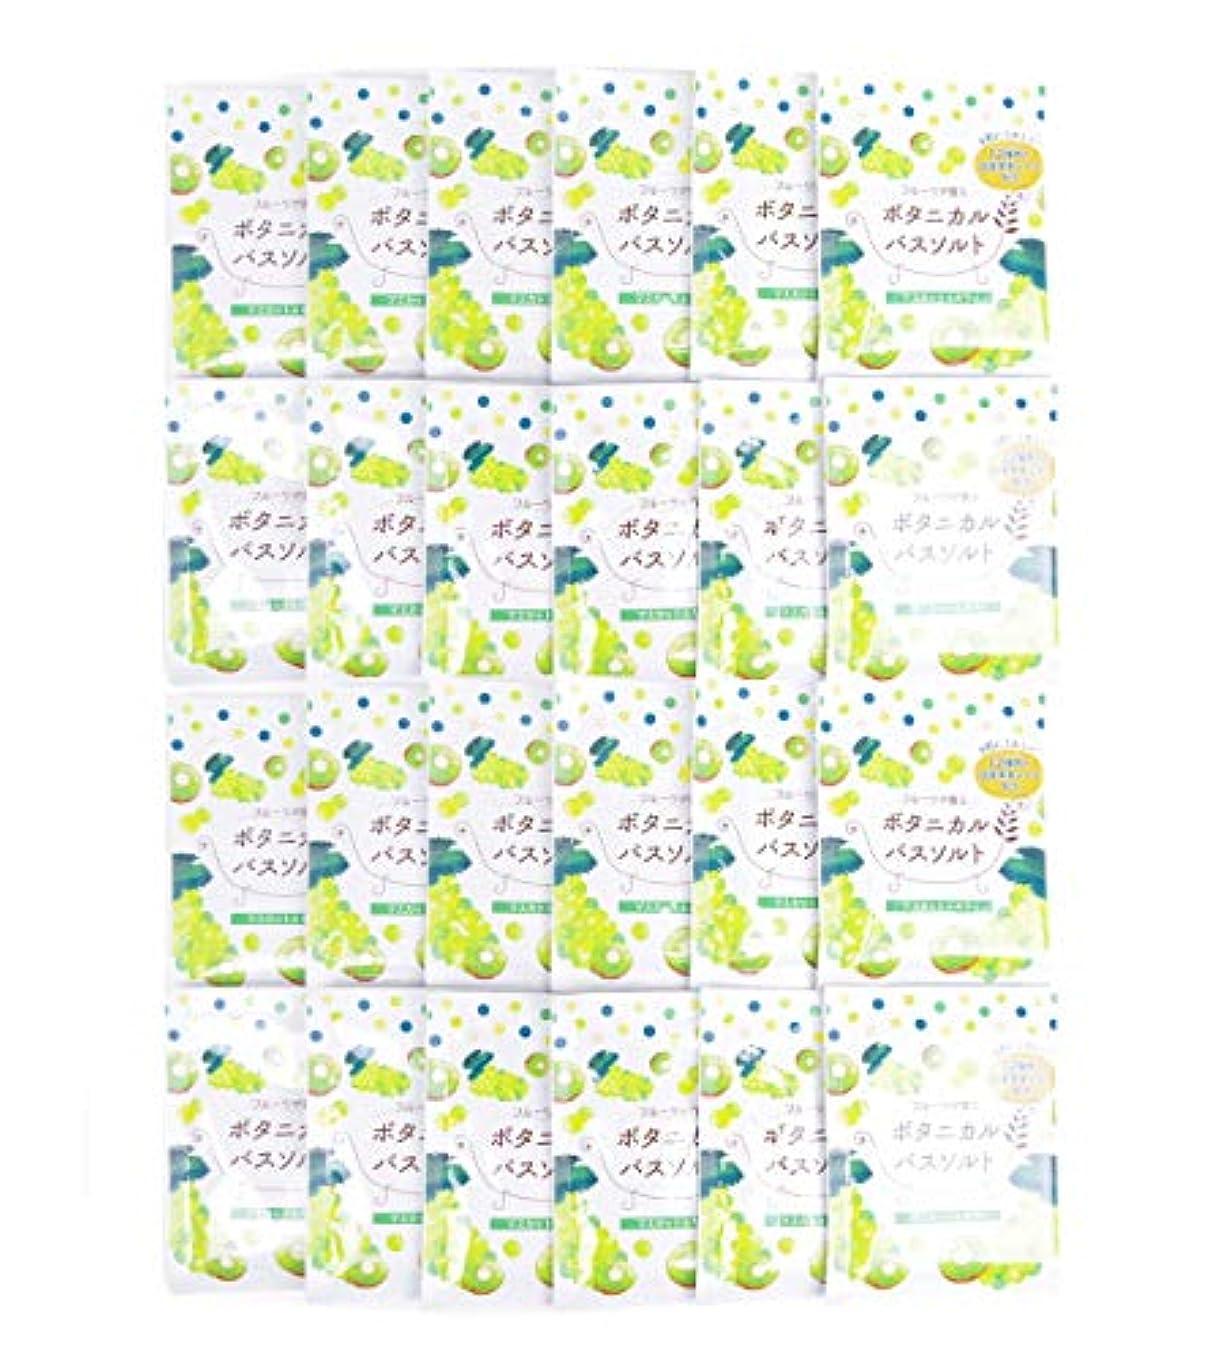 コードレス大学院自発的松田医薬品 フルーツが香るボタニカルバスソルト マスカット&キウイ 30g 24個セット